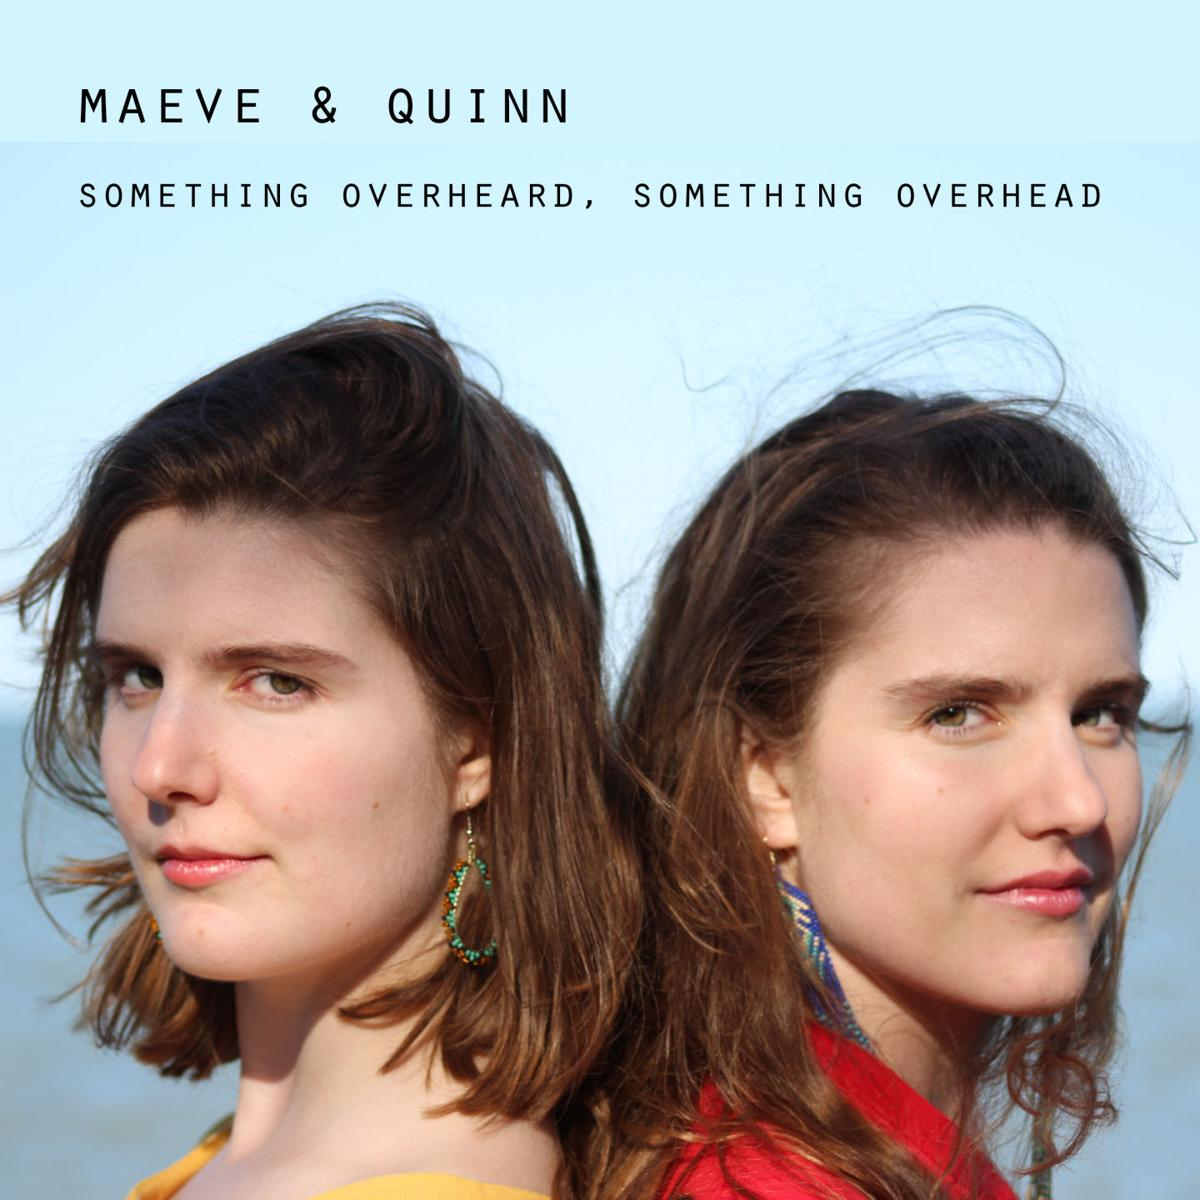 maeve & quinn, album cover, something overheard something overhead.jpg